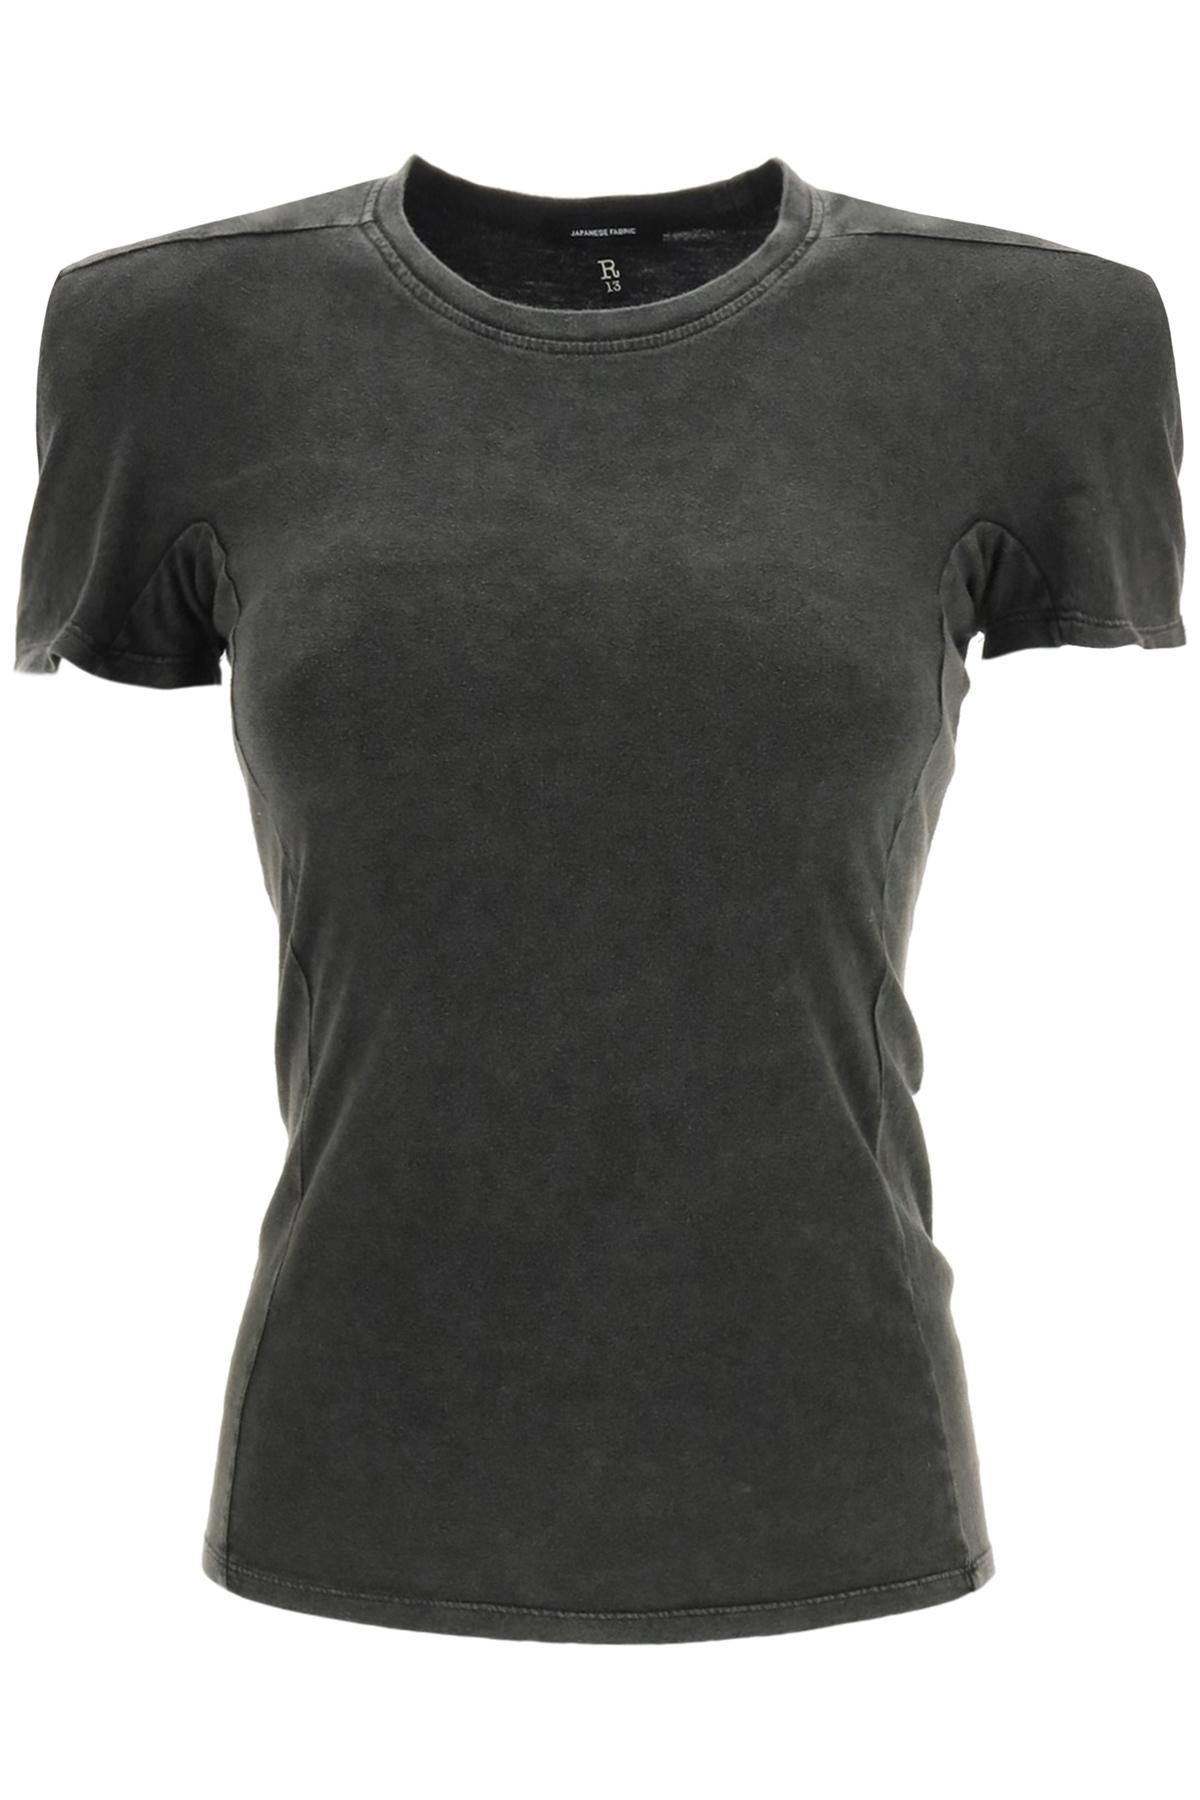 R13 t-shirt con spalla imbottita